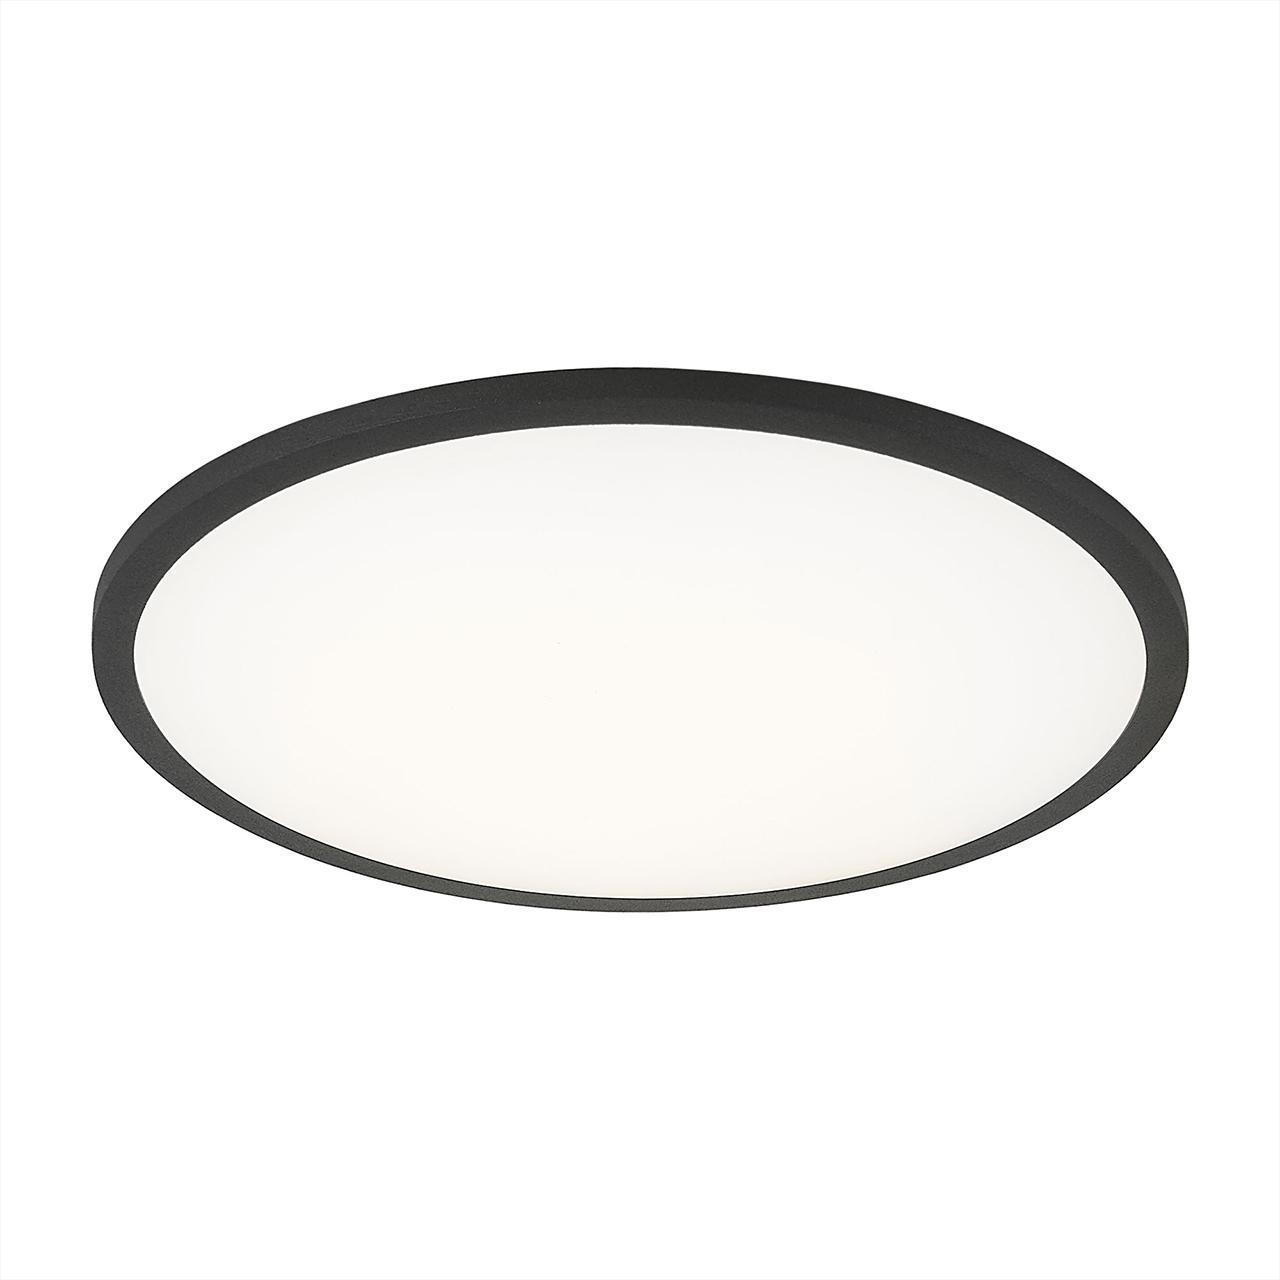 Встраиваемый светодиодный светильник Citilux Омега CLD50R222 встраиваемый светодиодный светильник citilux омега cld50r222